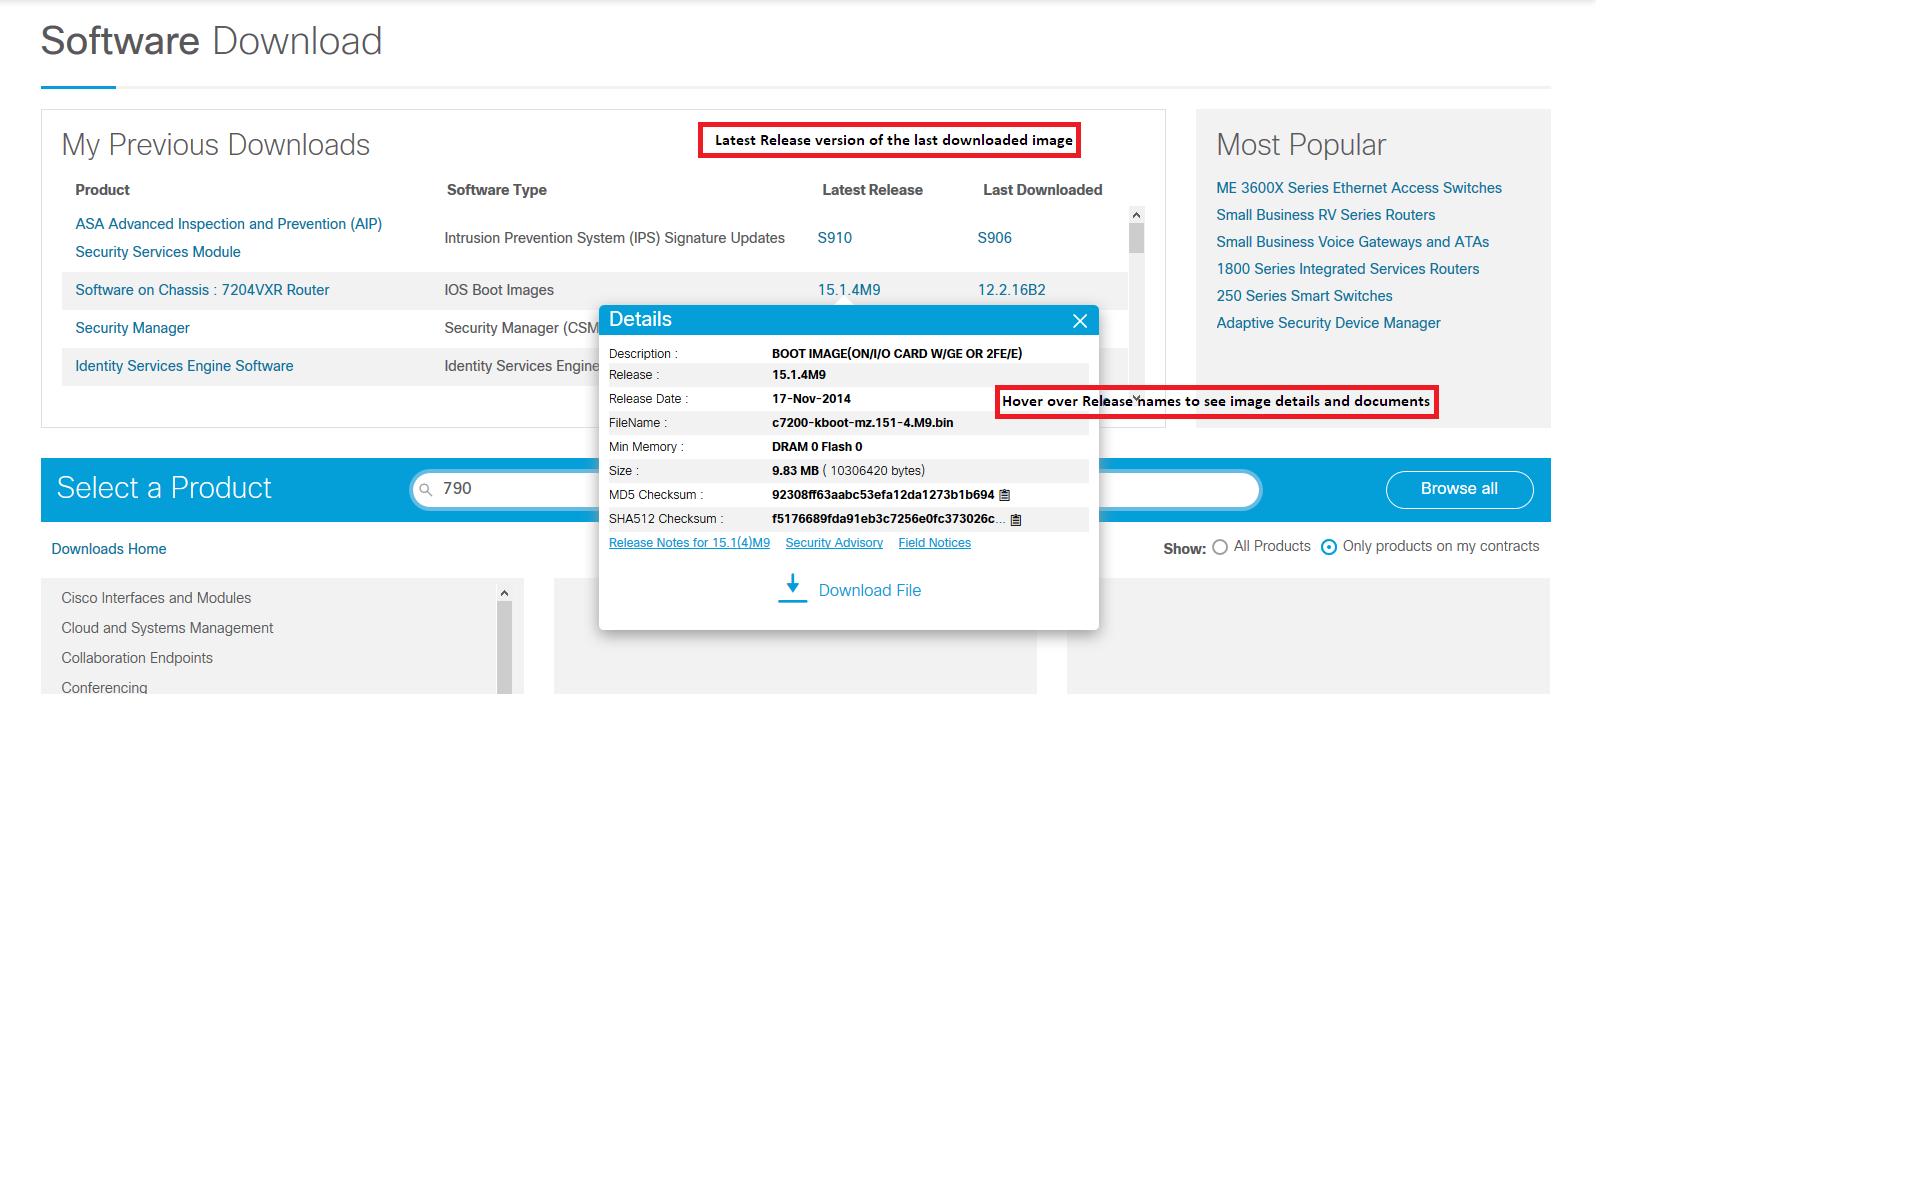 cisco software downloads help faq